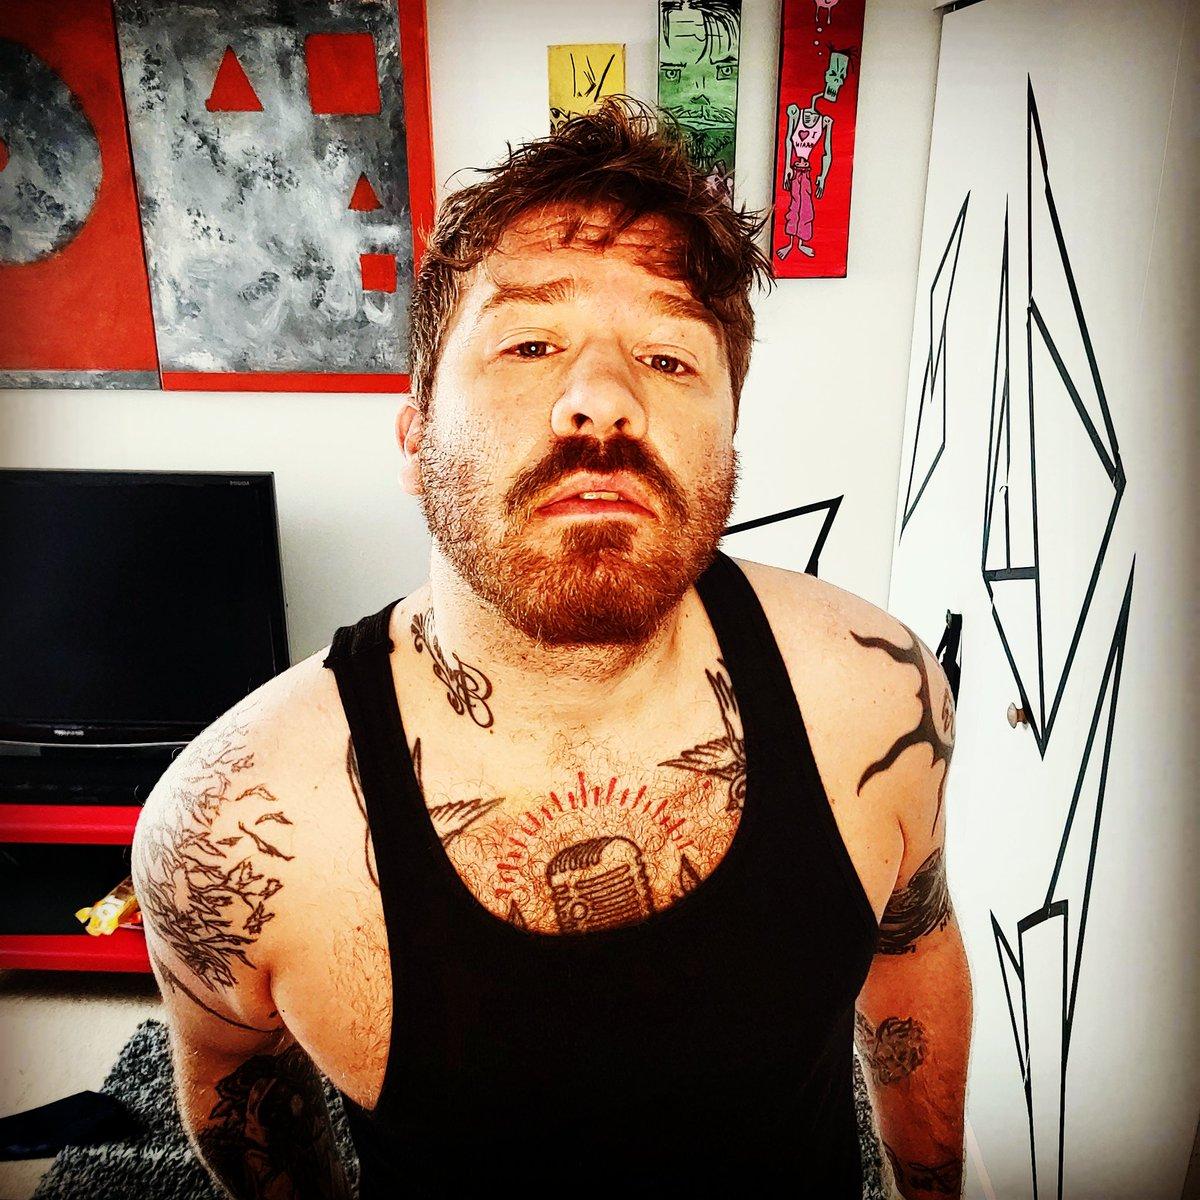 Your internet boyfriend is waiting for you on #onlyfans #boyfriendforhire #daddy #dadbod #tattoos #beard #ginger https://t.co/5WpJLIUM8D